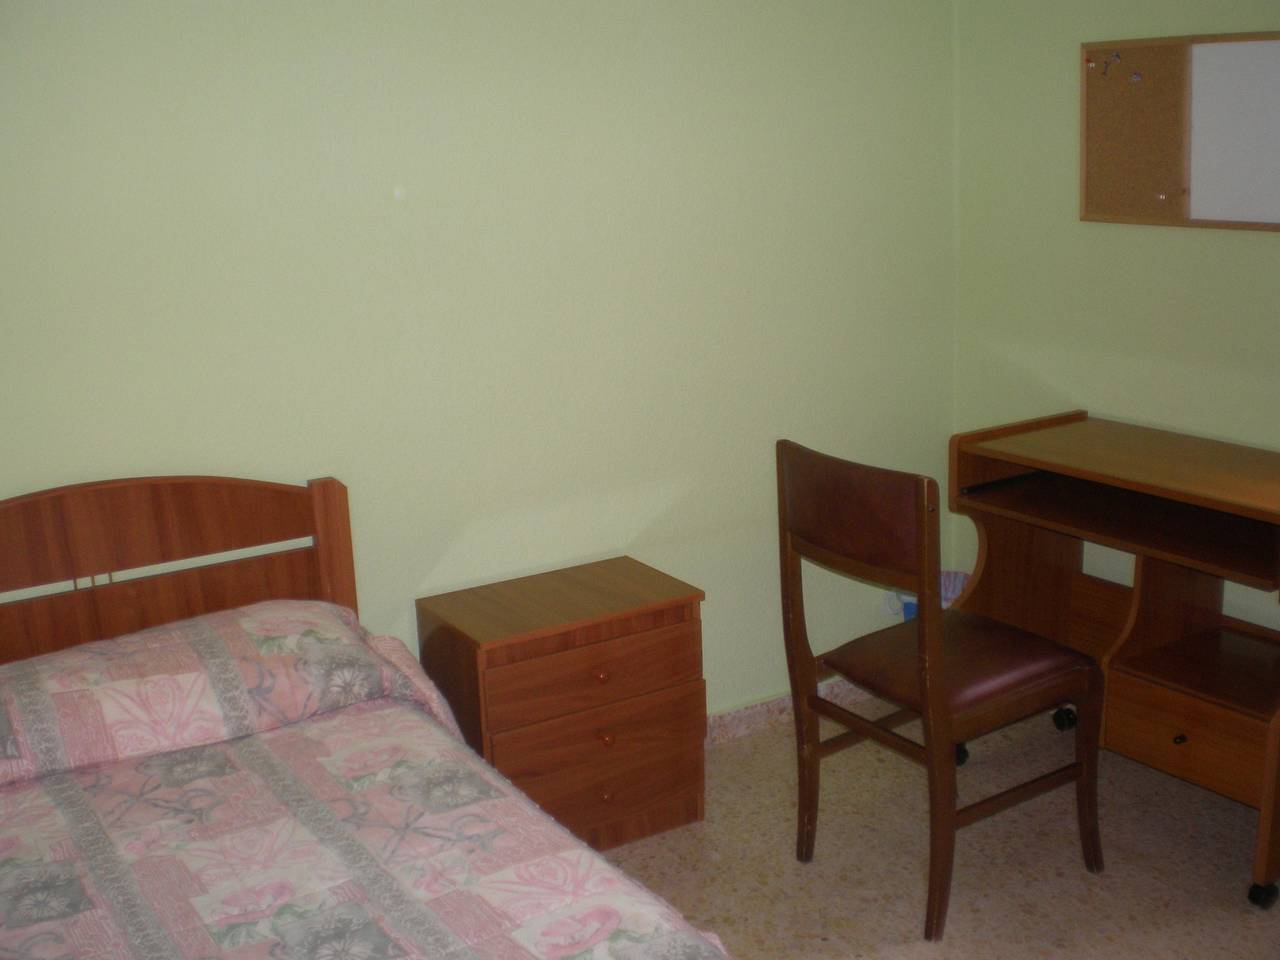 en soria se alquilan una habitacion en piso compartido  - Foto 10